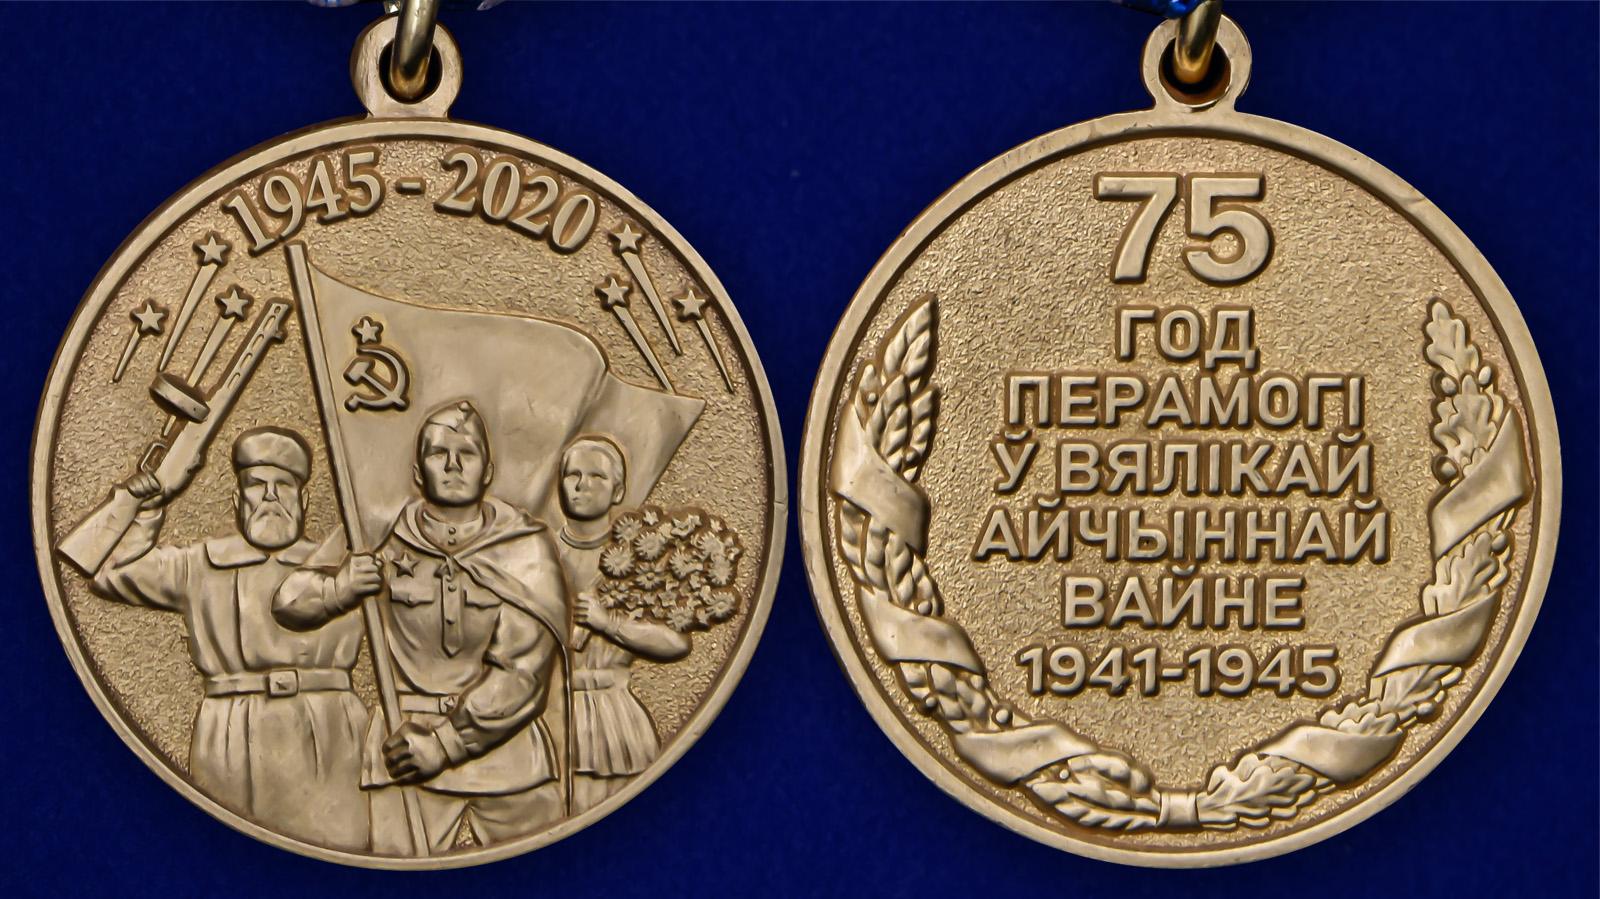 Юбилейная медаль «75 лет Победы в Великой Отечественной войне 1941-1945 годов» Беларусь - аверс и реверс